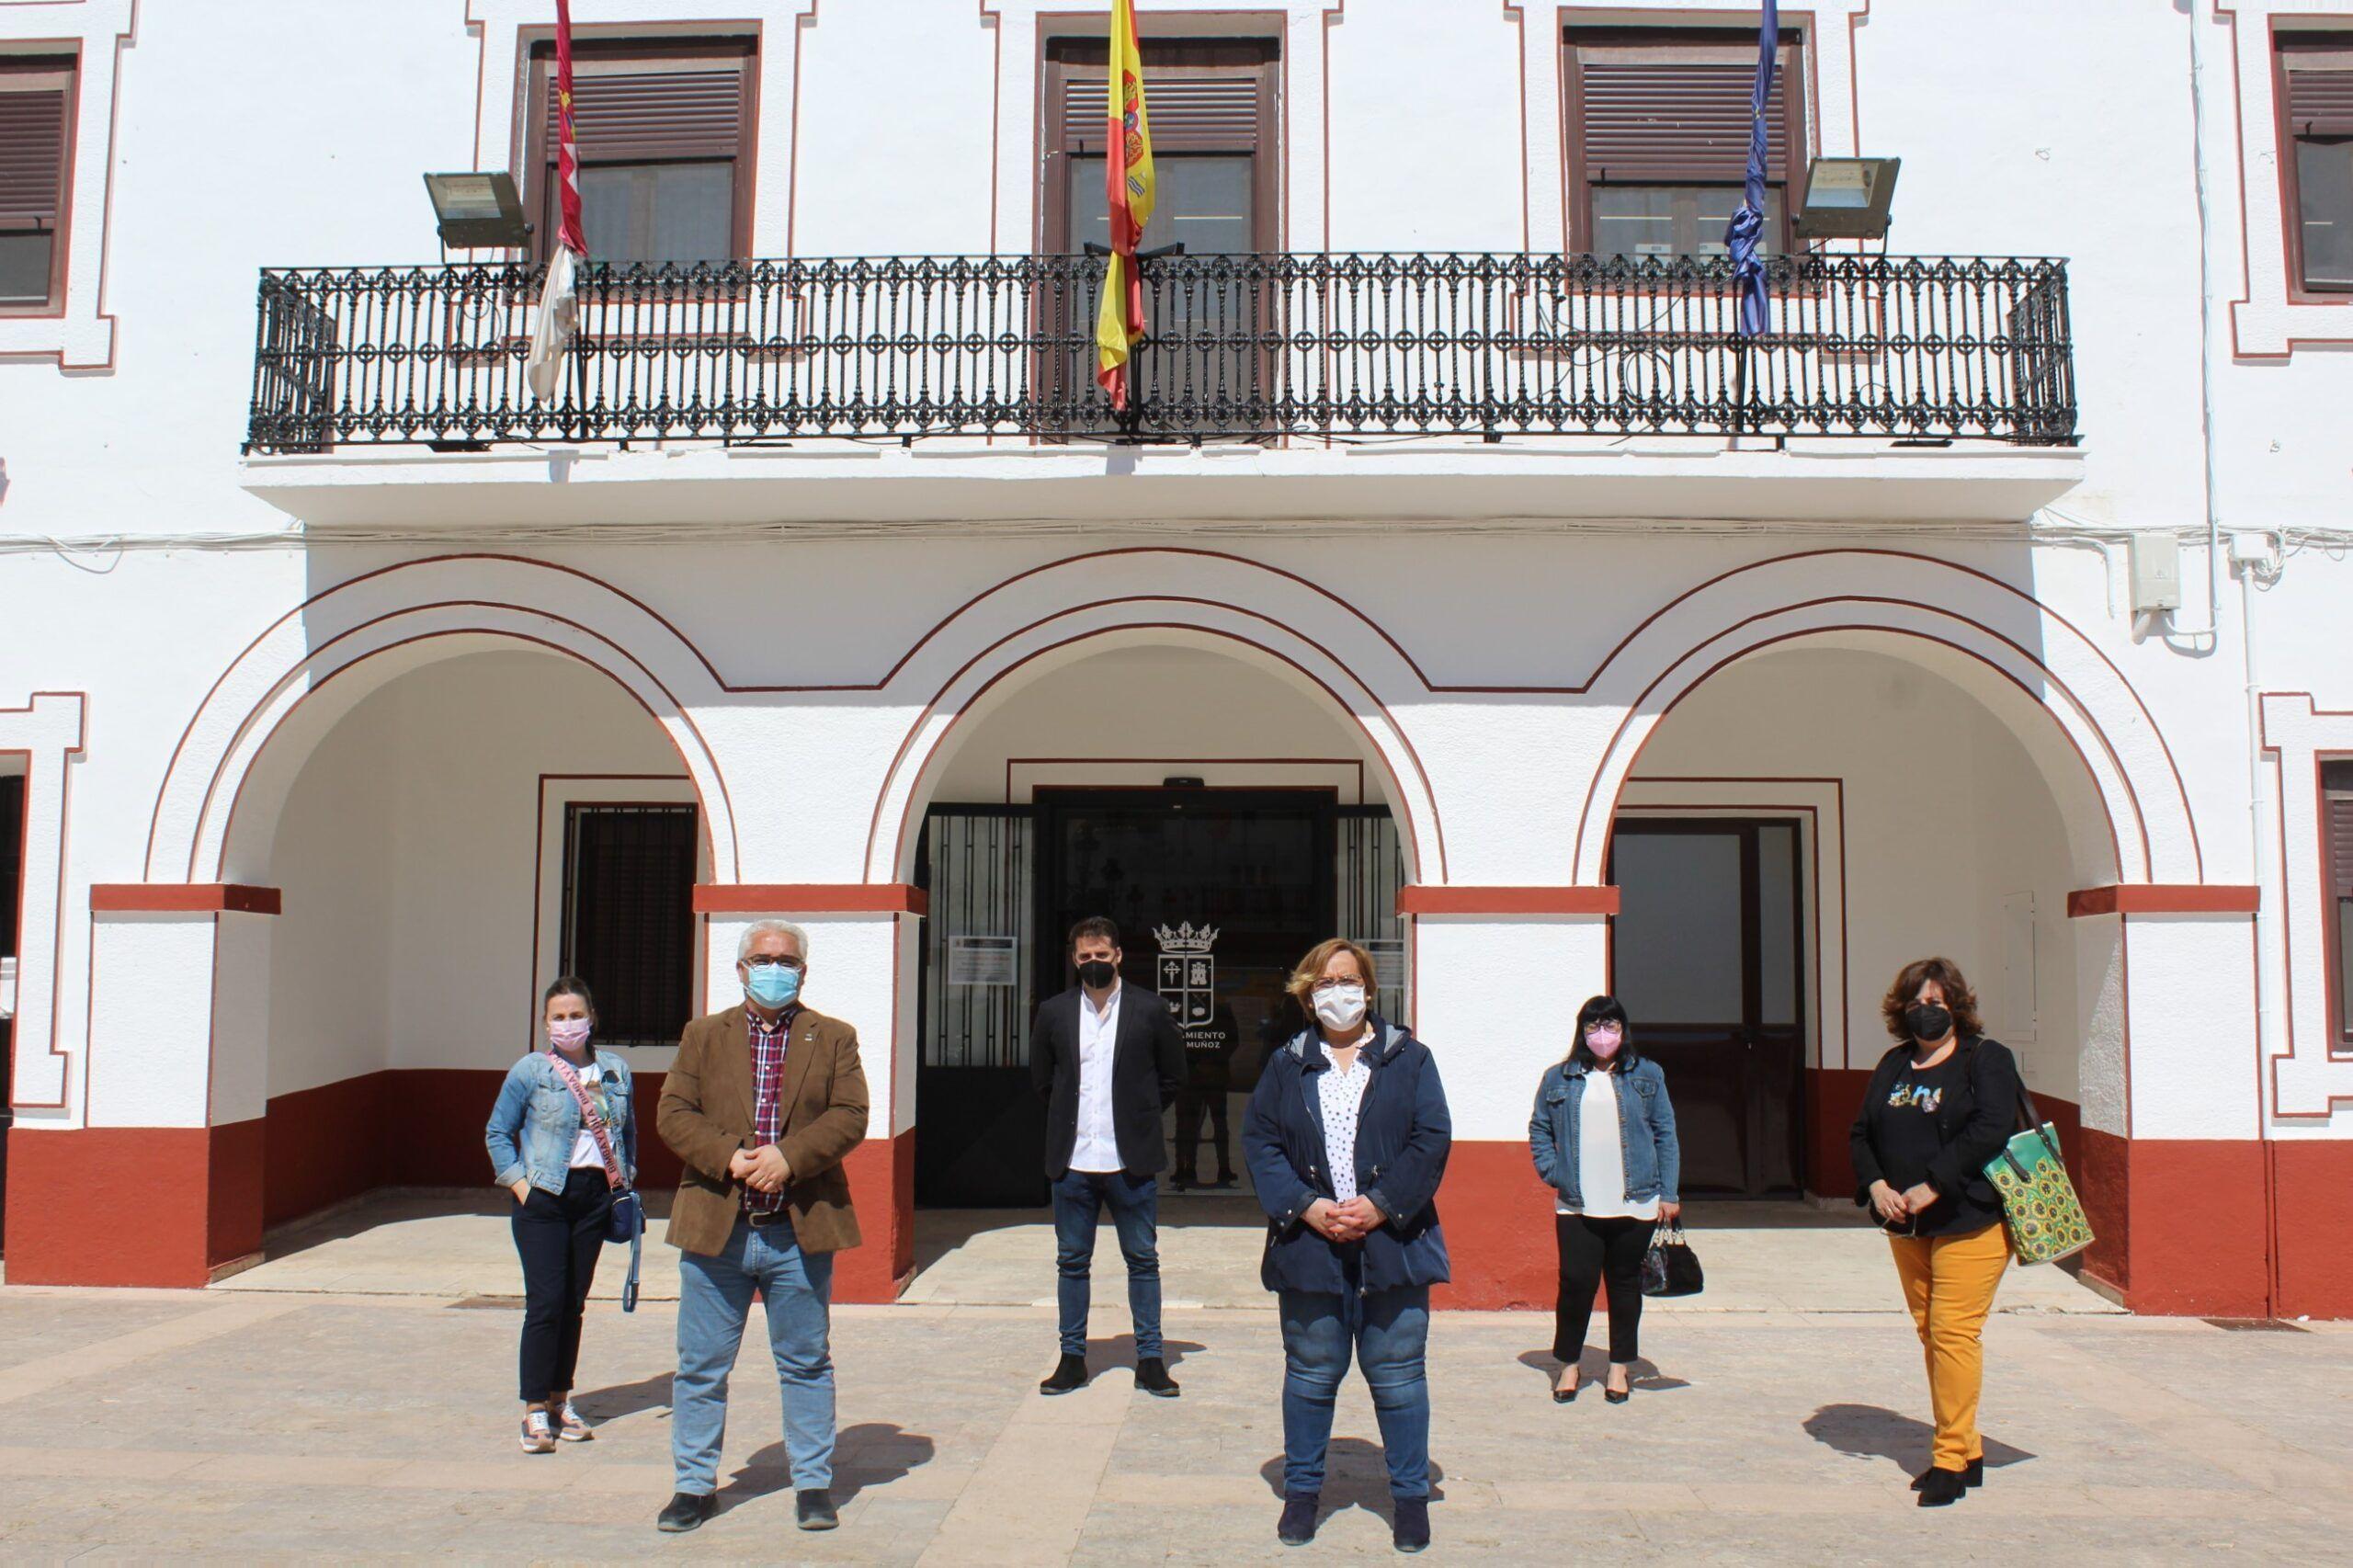 El Gobierno de Castilla-La Mancha sufraga con una subvención de Presidencia la reparación de la fachada del ayuntamiento de Pedro Muñoz